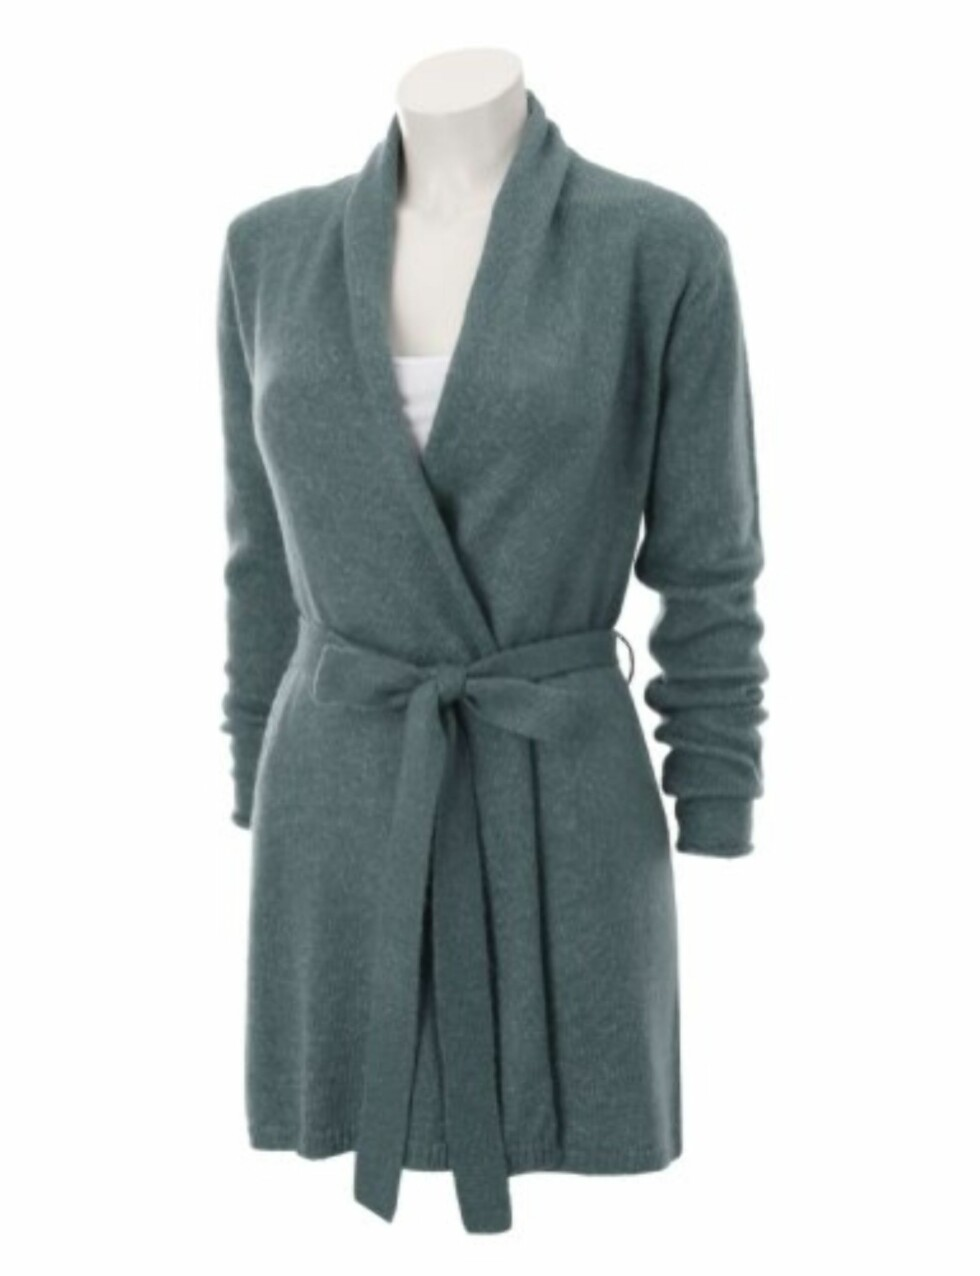 Dueblå cardigan i akryl og polyester. Bruk den over smale jeans og røffe militærboots (kr 199, Gina Tricot).